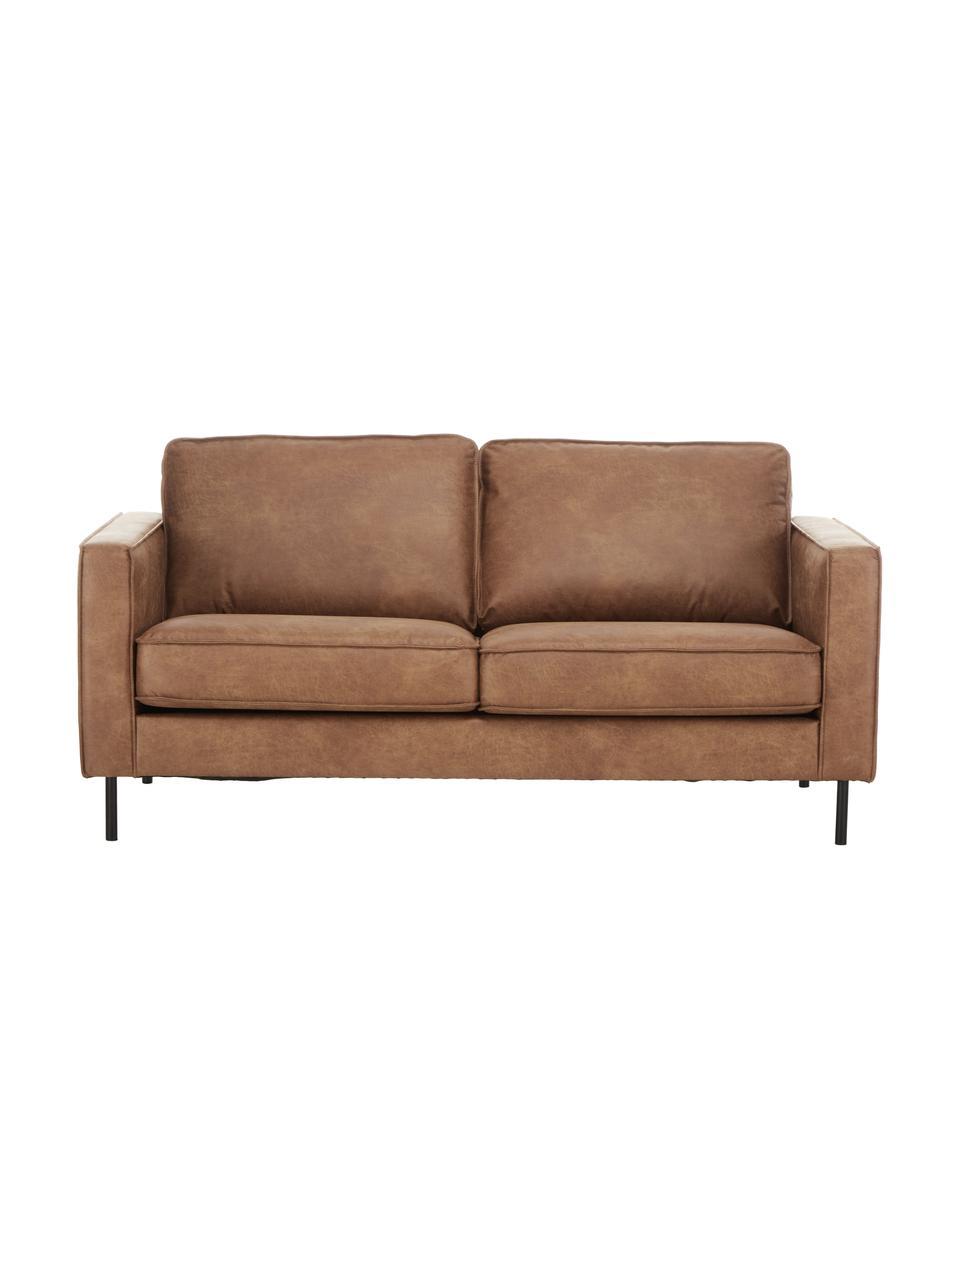 Sofa skórzana z recyklingu Hunter (2-osobowa), Tapicerka: skóra z recyklingu (70% s, Nogi: tworzywo sztuczne, Brązowy, S 164 x G 90 cm